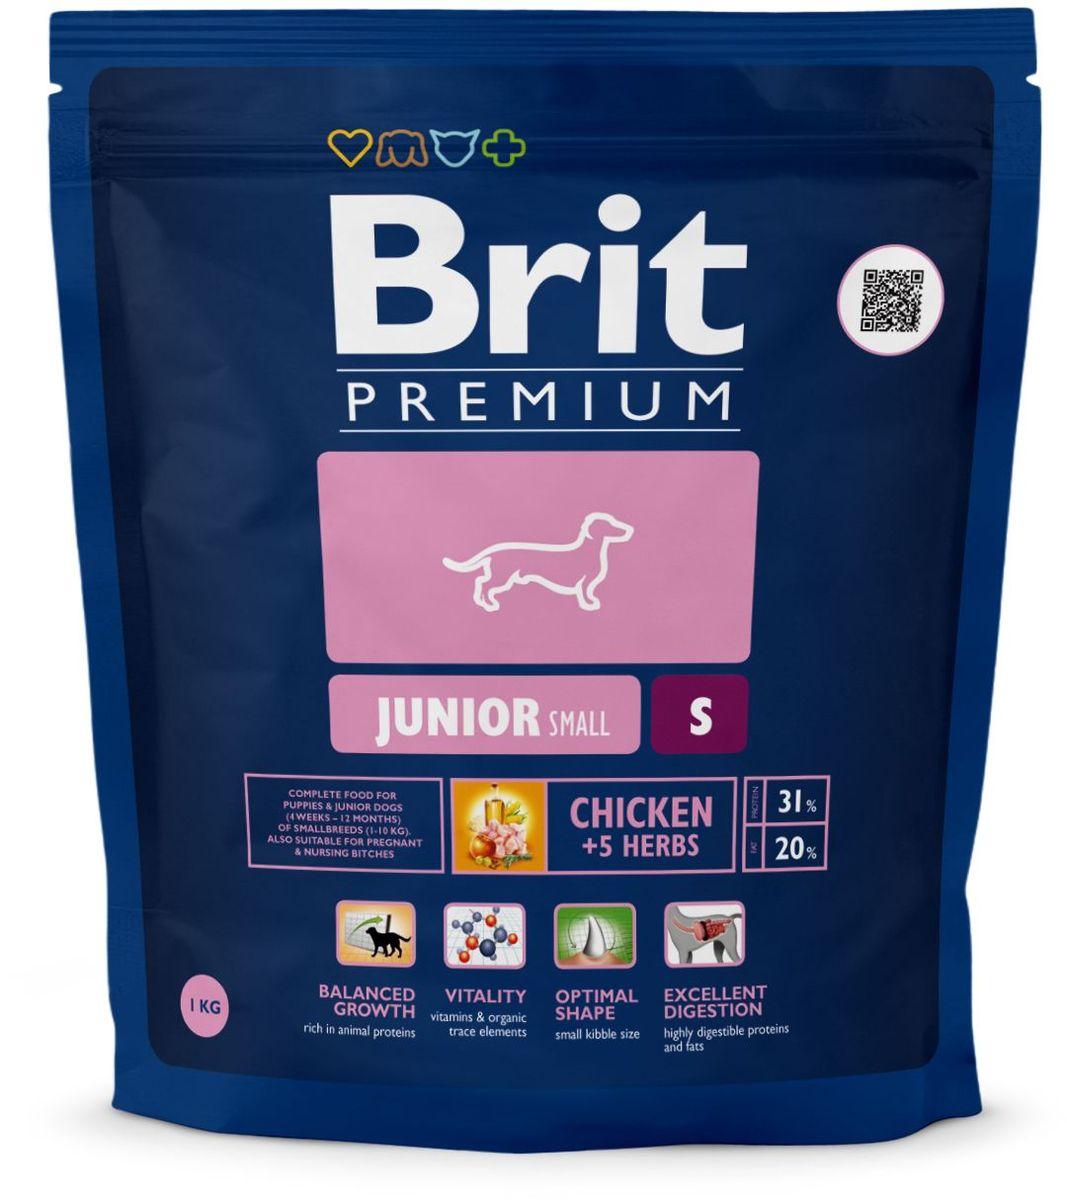 Корм сухой Brit Premium Junior S для молодых собак мелких пород, с курицей, 1 кг132384Полнорационный корм Brit Premium Junior S подходит для щенков и молодых собак (4-12 месяцев) мелких пород (1-10 кг). Так же рекомендуется для беременных и кормящих сук. У мелких пород собак небольшой и очень чувствительный желудочно-кишечный тракт и при этом довольно высокие потребности в питательных веществах. Именно по этой причине корма для таких пород должны иметь очень высокую степень усвояемости и тщательно сбалансированный формулу содержания питательных веществ. У мелких пород намного выше потребность в активных антиоксидантах, которые положительно влияют на иммунитет и способствуют продолжительности жизни животного. Оптимальное соотношение Омега-3 и Омега-6 жирных кислот, которые способствуют активности мозга и правильному развитию нервной системы, что необходимо для развития полноценной жизнедеятельности вашего питомца.Состав: курица (42%), рис, кукуруза, пшеница, куриный жир (консервирован токоферолами), рыбий жир из лосося, натуральные ароматизаторы, экстракт из трав и фруктов (300 мг/кг), пивные дрожжи, сушеные яблоки, минеральные вещества, глюкозамина гидрохлорид (260 мг/кг), хондроитина сульфат 160 мг/кг, маннанолигосахариды 150 мг/кг, фруктоолигосахариды 100 мг/кг, экстракт юкки Шидигера 80 мг/кг, органическая медь, органический цинк, органический селен. Аналитические составляющие: сырой протеин 31,0 %, сырой жир 20,0 %, влага 10,0 %, сырая зола 6,5 %, сырая клетчатка 2,3 %, кальций 1,5 %, фосфор 1,1 %. Пищевые добавки на 1 кг: витамин A 20 000 МЕ, витамин D3 1 900 МЕ, витамин E (a-токоферол) 600 мг, Е6 цинк 100 мг, Е1 железо 90 мг, Е5 марганец 45 мг, Е4 медь 20 мг, Е2 йод 1 мг, Е8 селен 0,2 мг. Энергетическая ценность: 4397 ккал/кг.Товар сертифицирован.